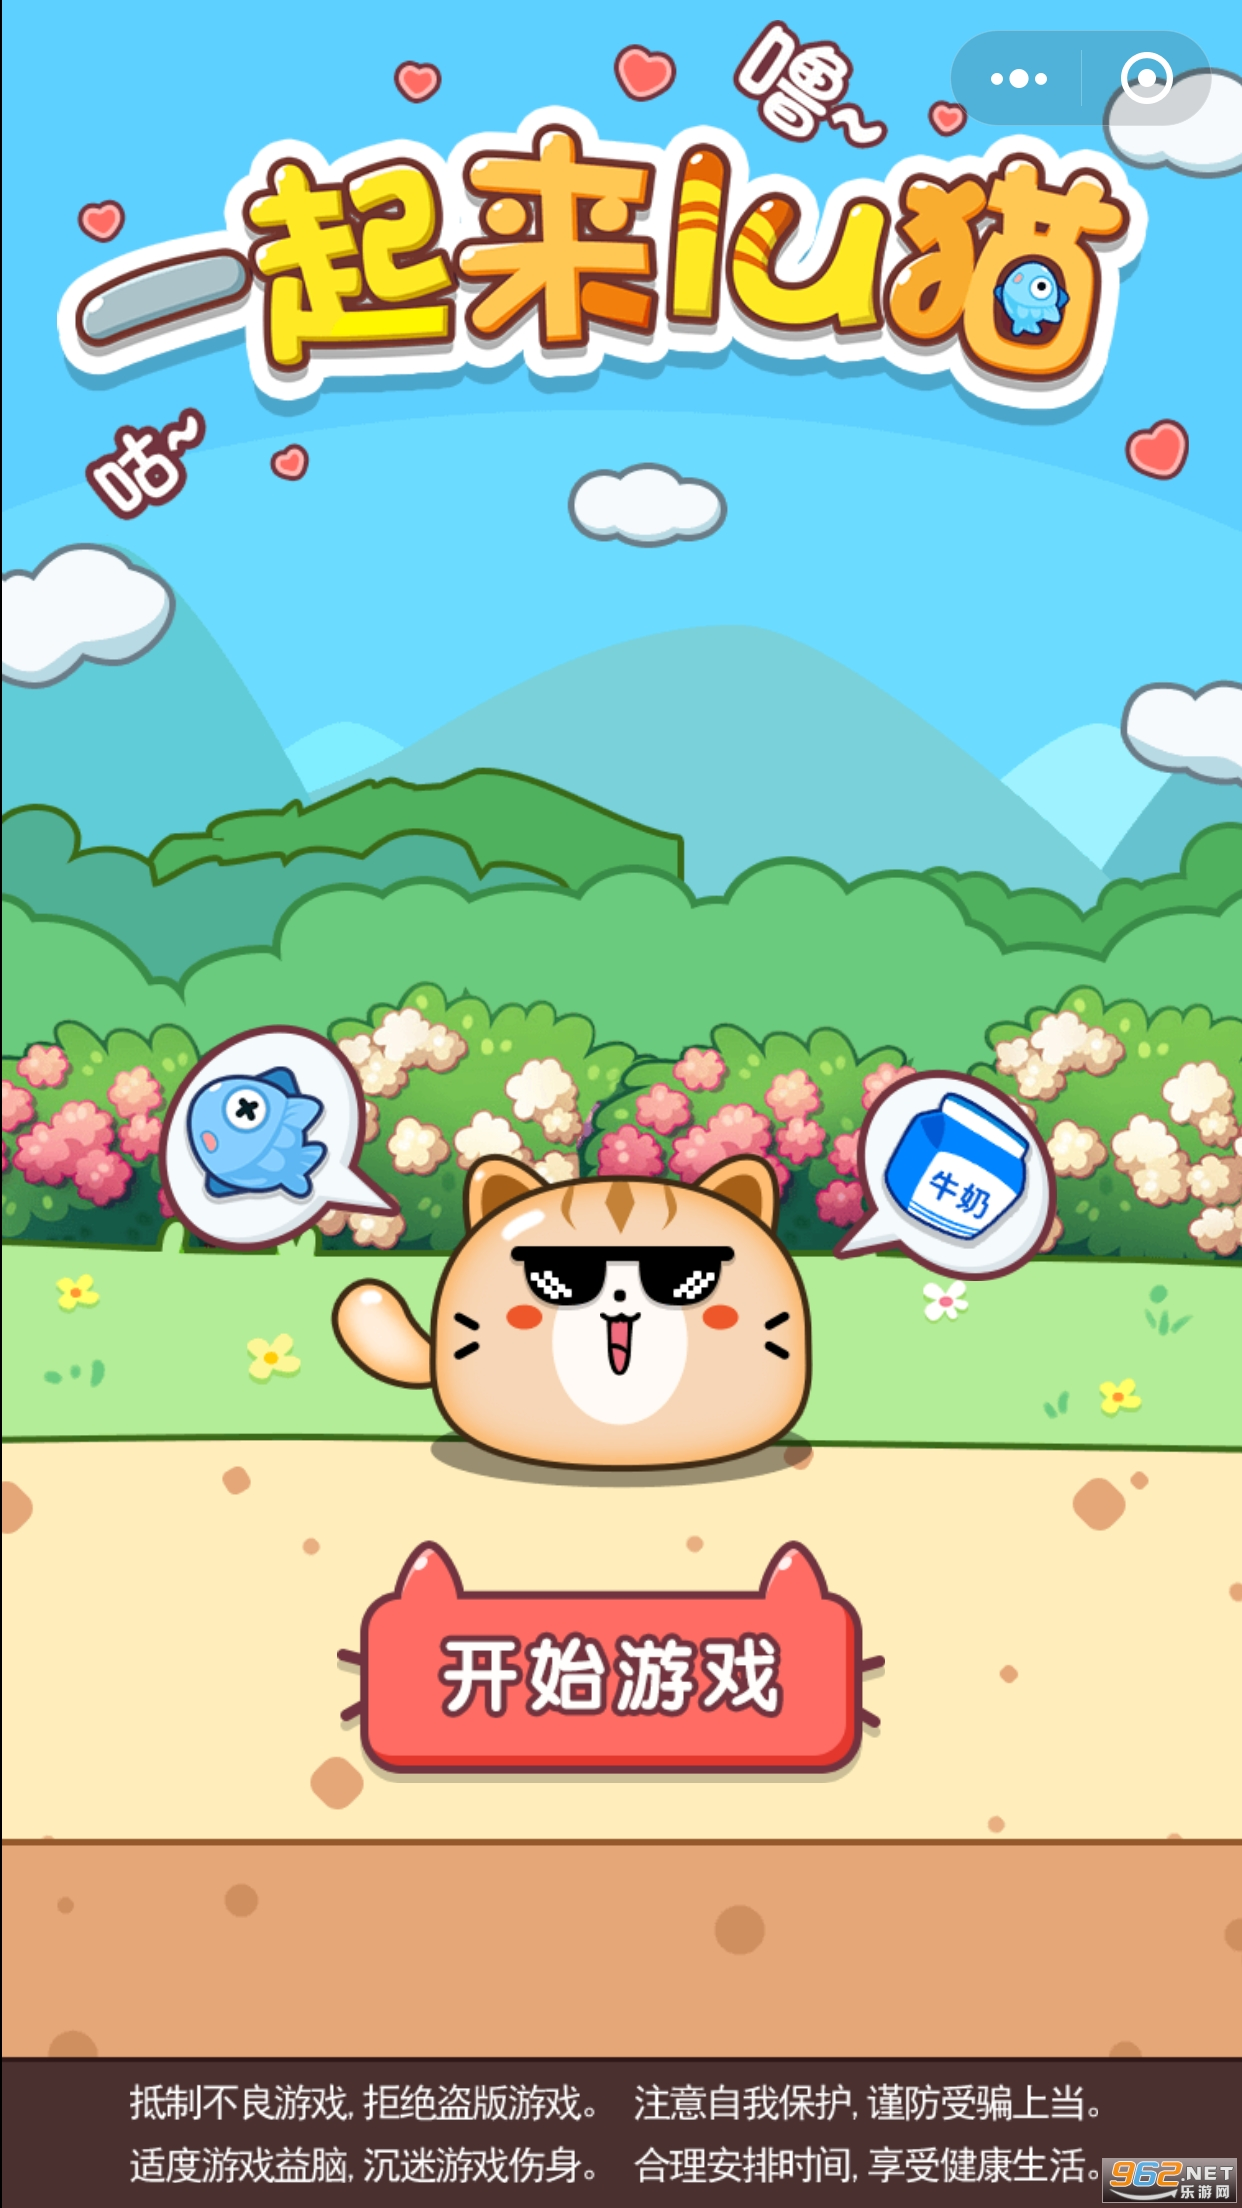 一起来lu猫小游戏安卓版截图3